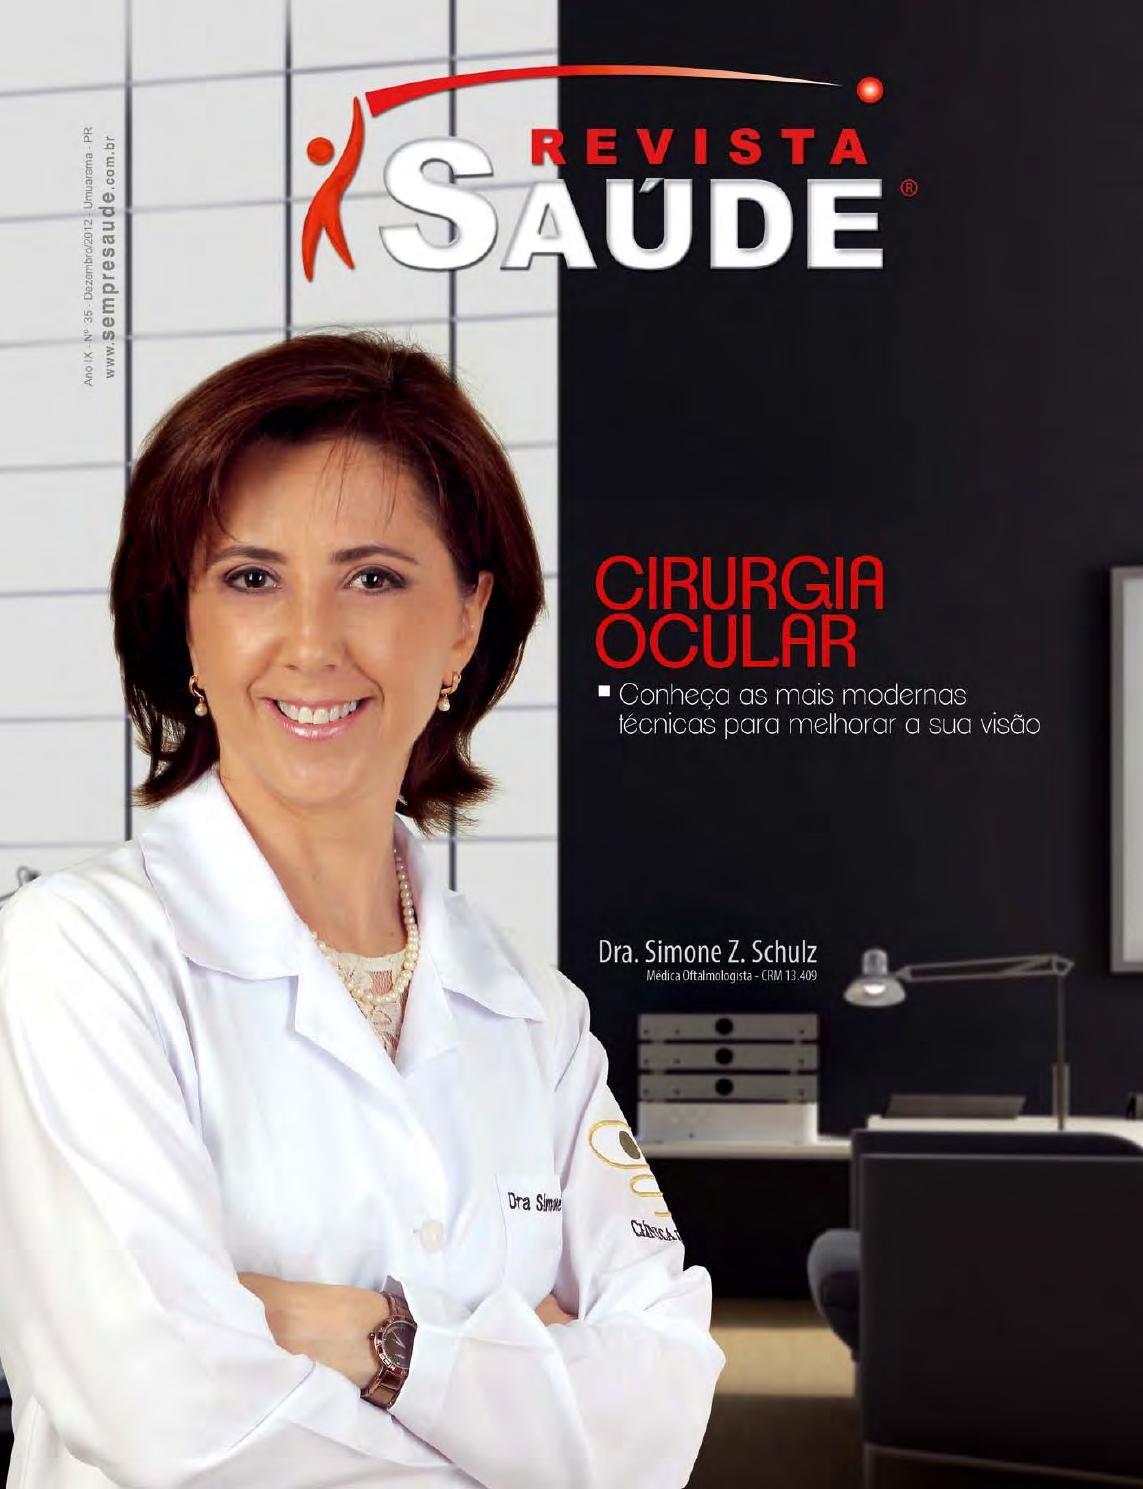 addce6c38 Revista Saúde Umuarama/PR - Edição 35 - 12/2012 by Revista Saúde - issuu